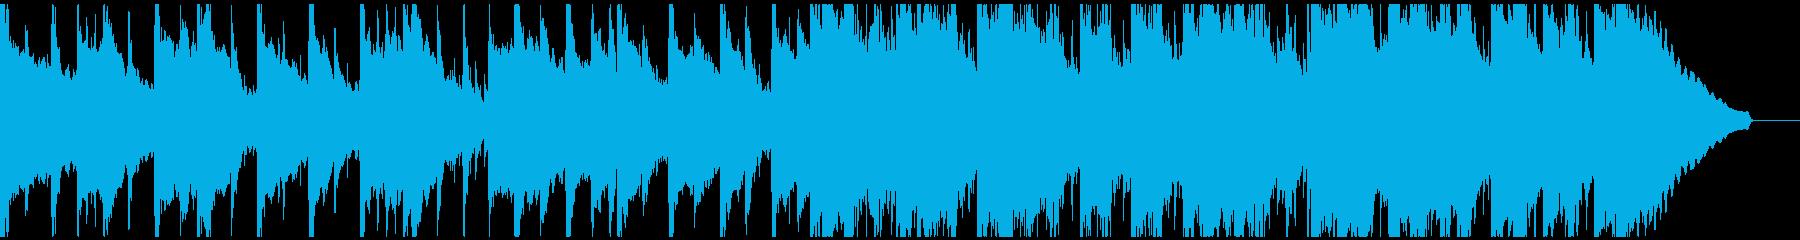 ゆったりとしたアコギ、トランペット曲ですの再生済みの波形